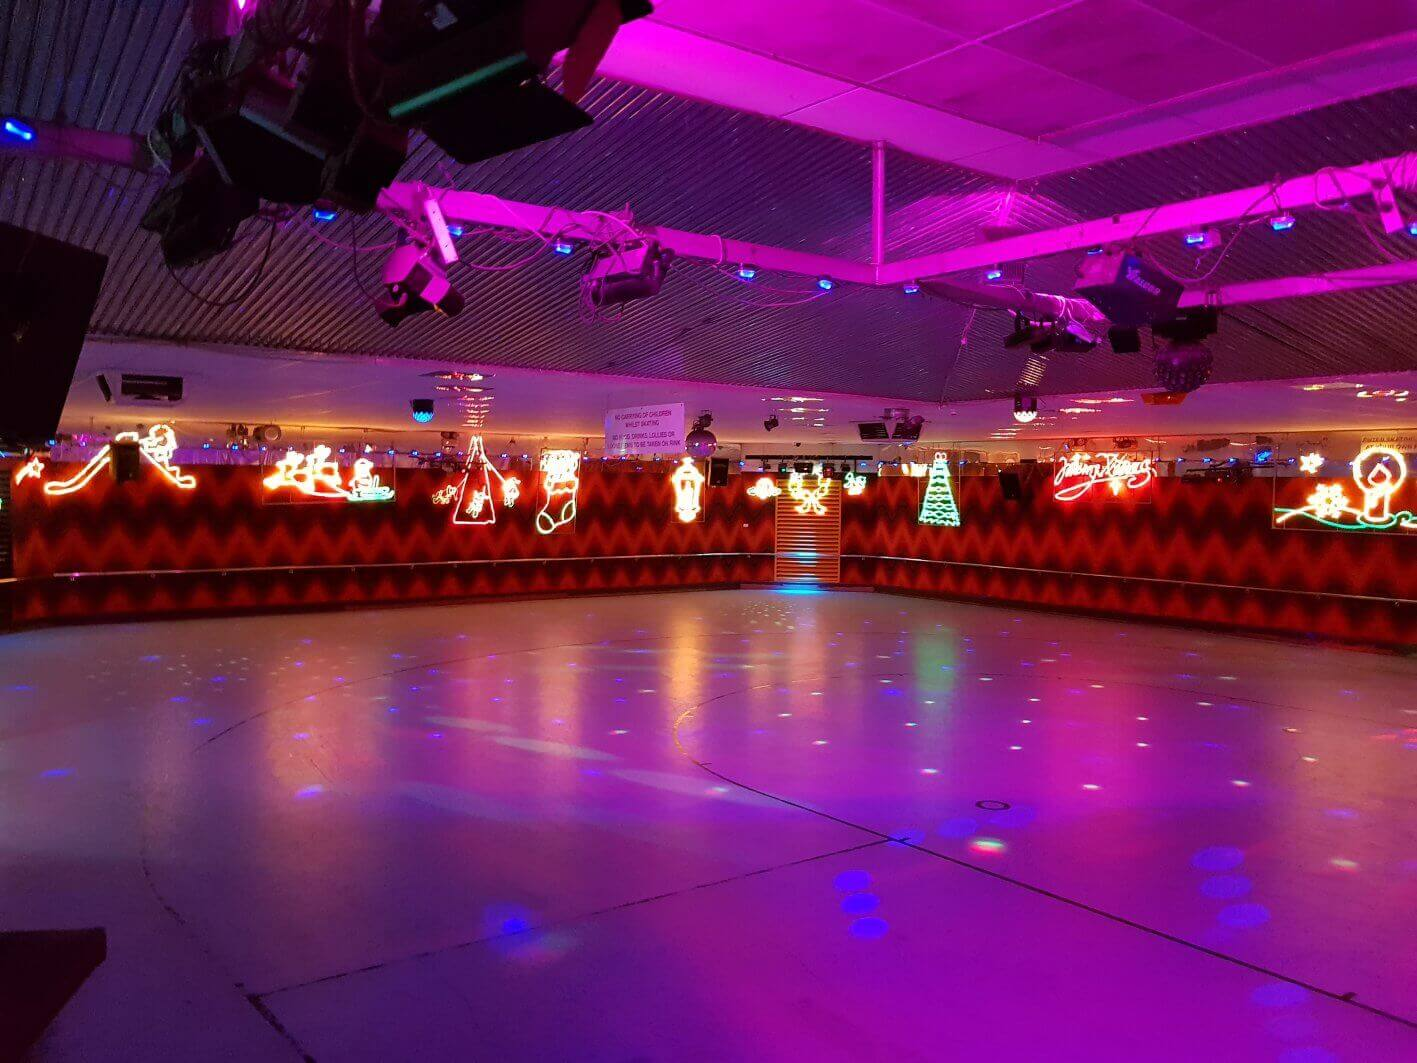 roller skating rink xmas perth